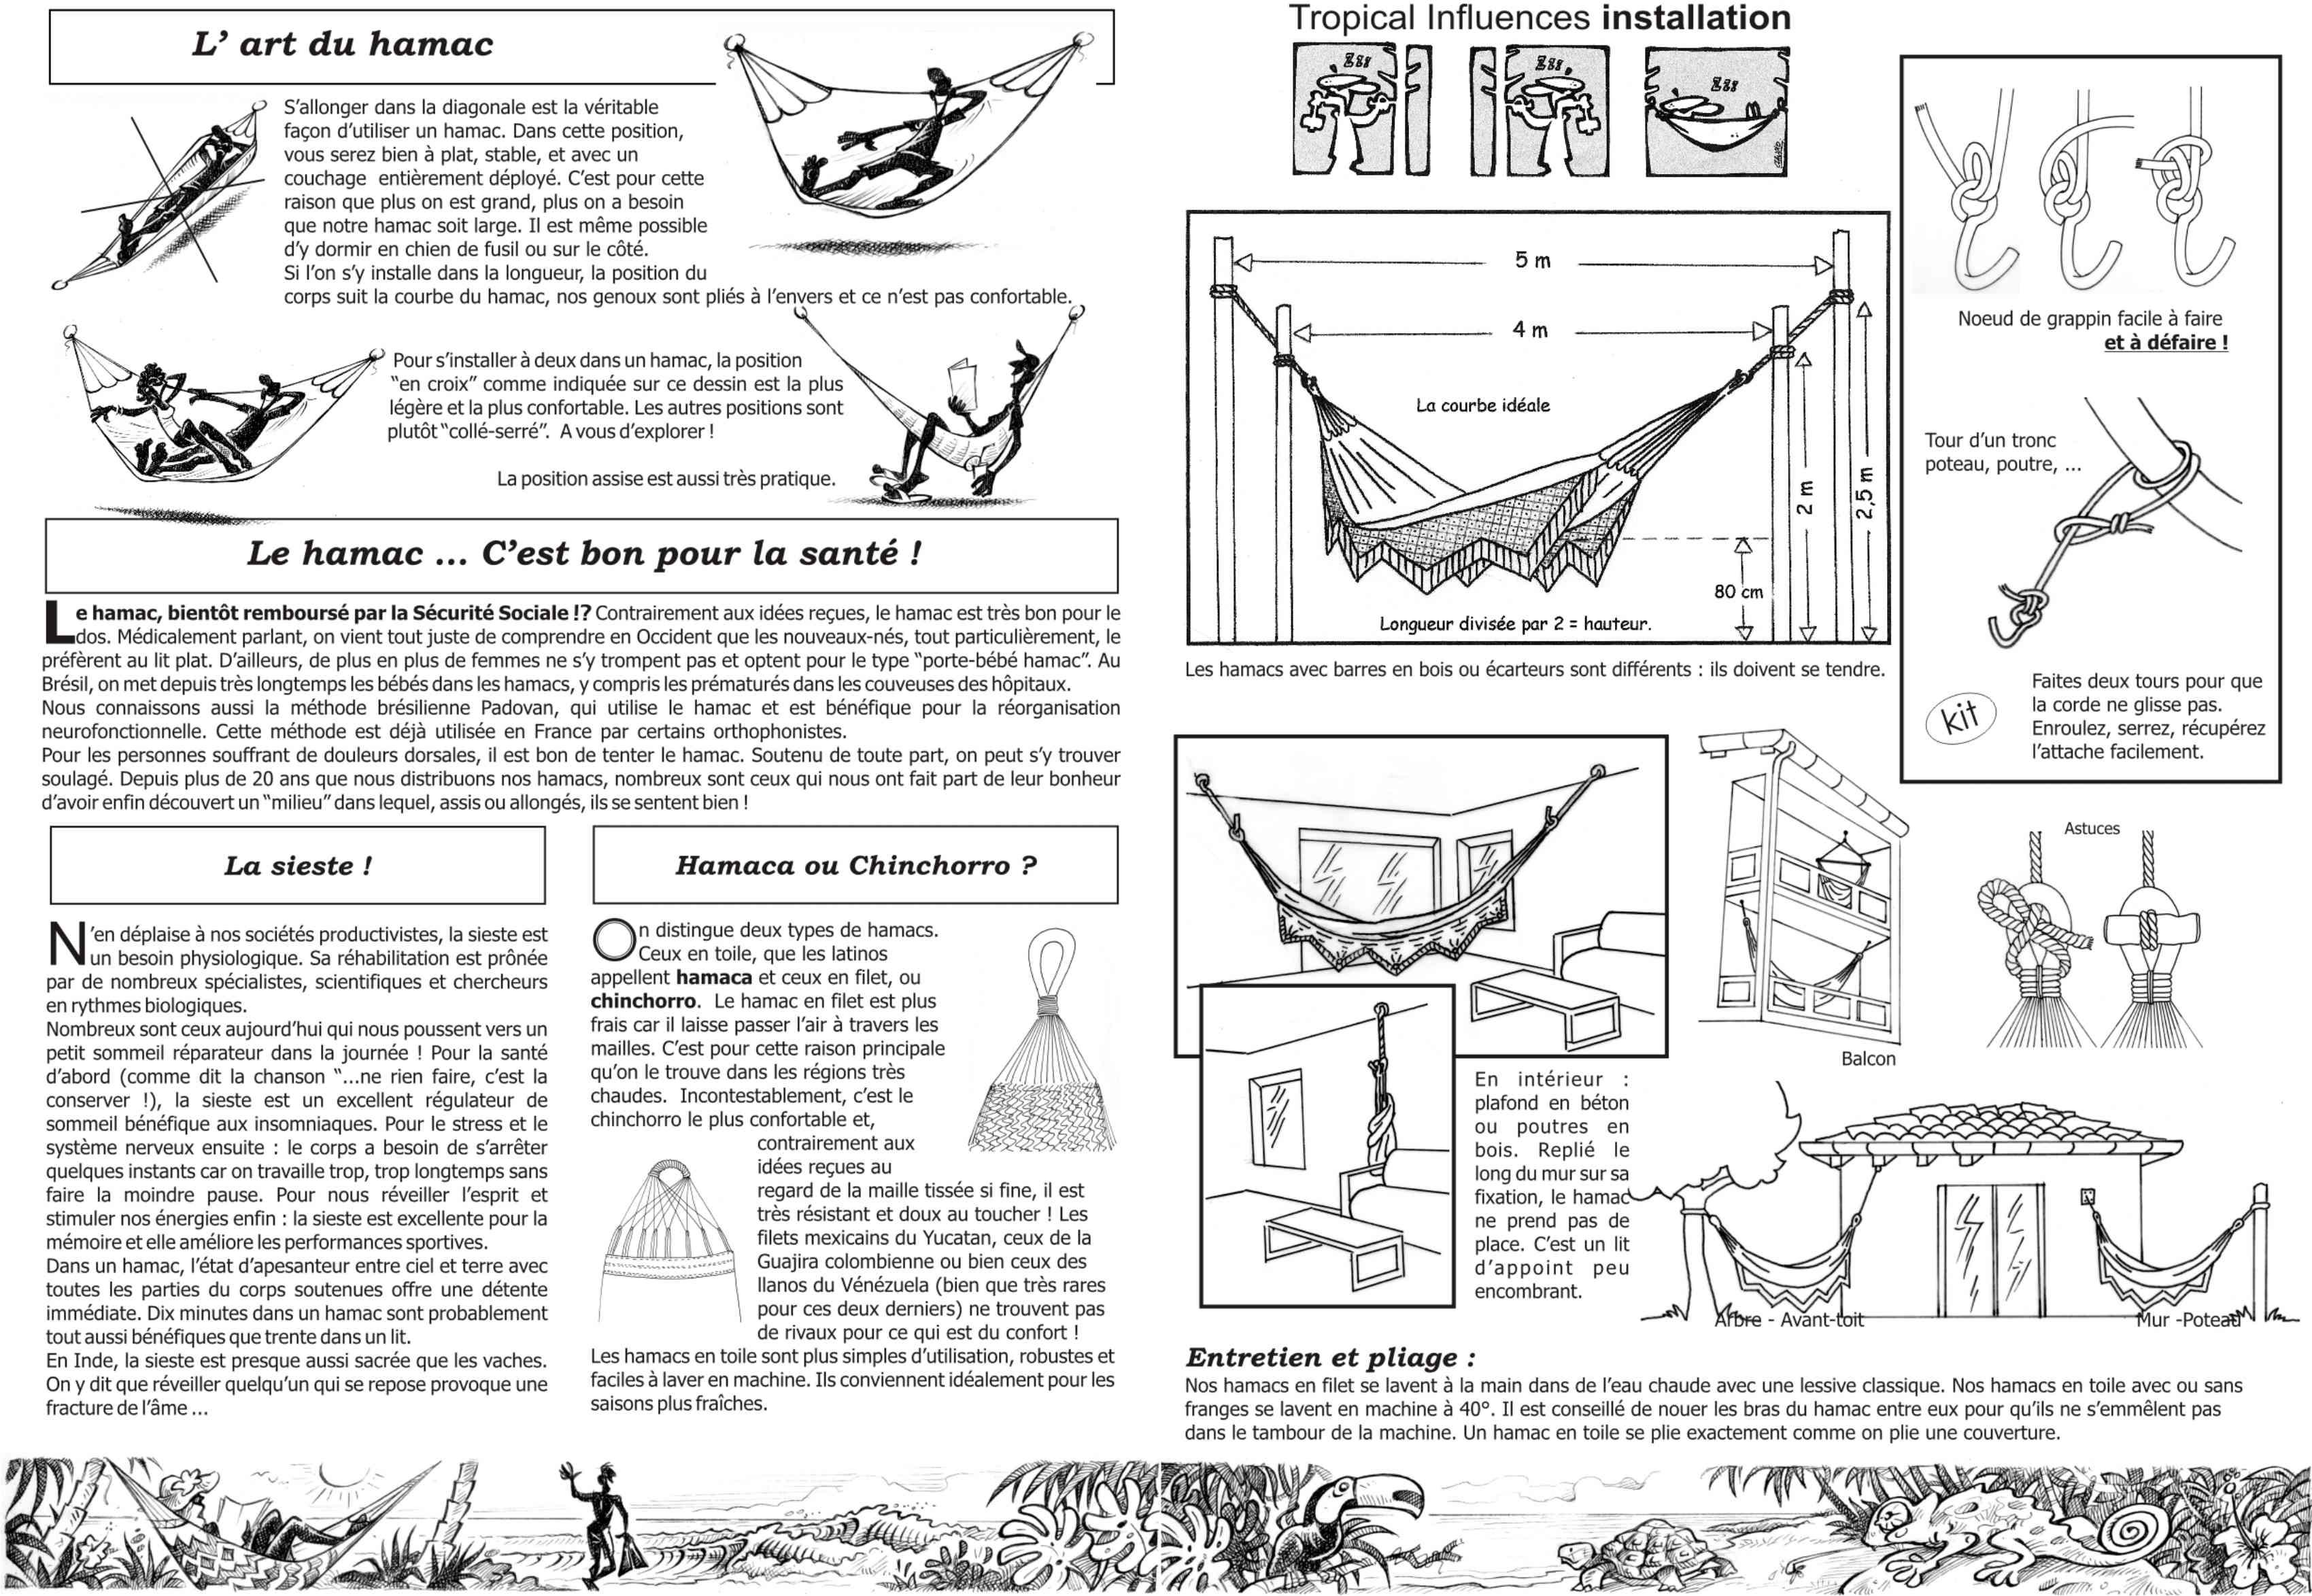 Comment Installer Un Hamac Sans Arbre comment bien choisir son hamac ? tous les conseils de